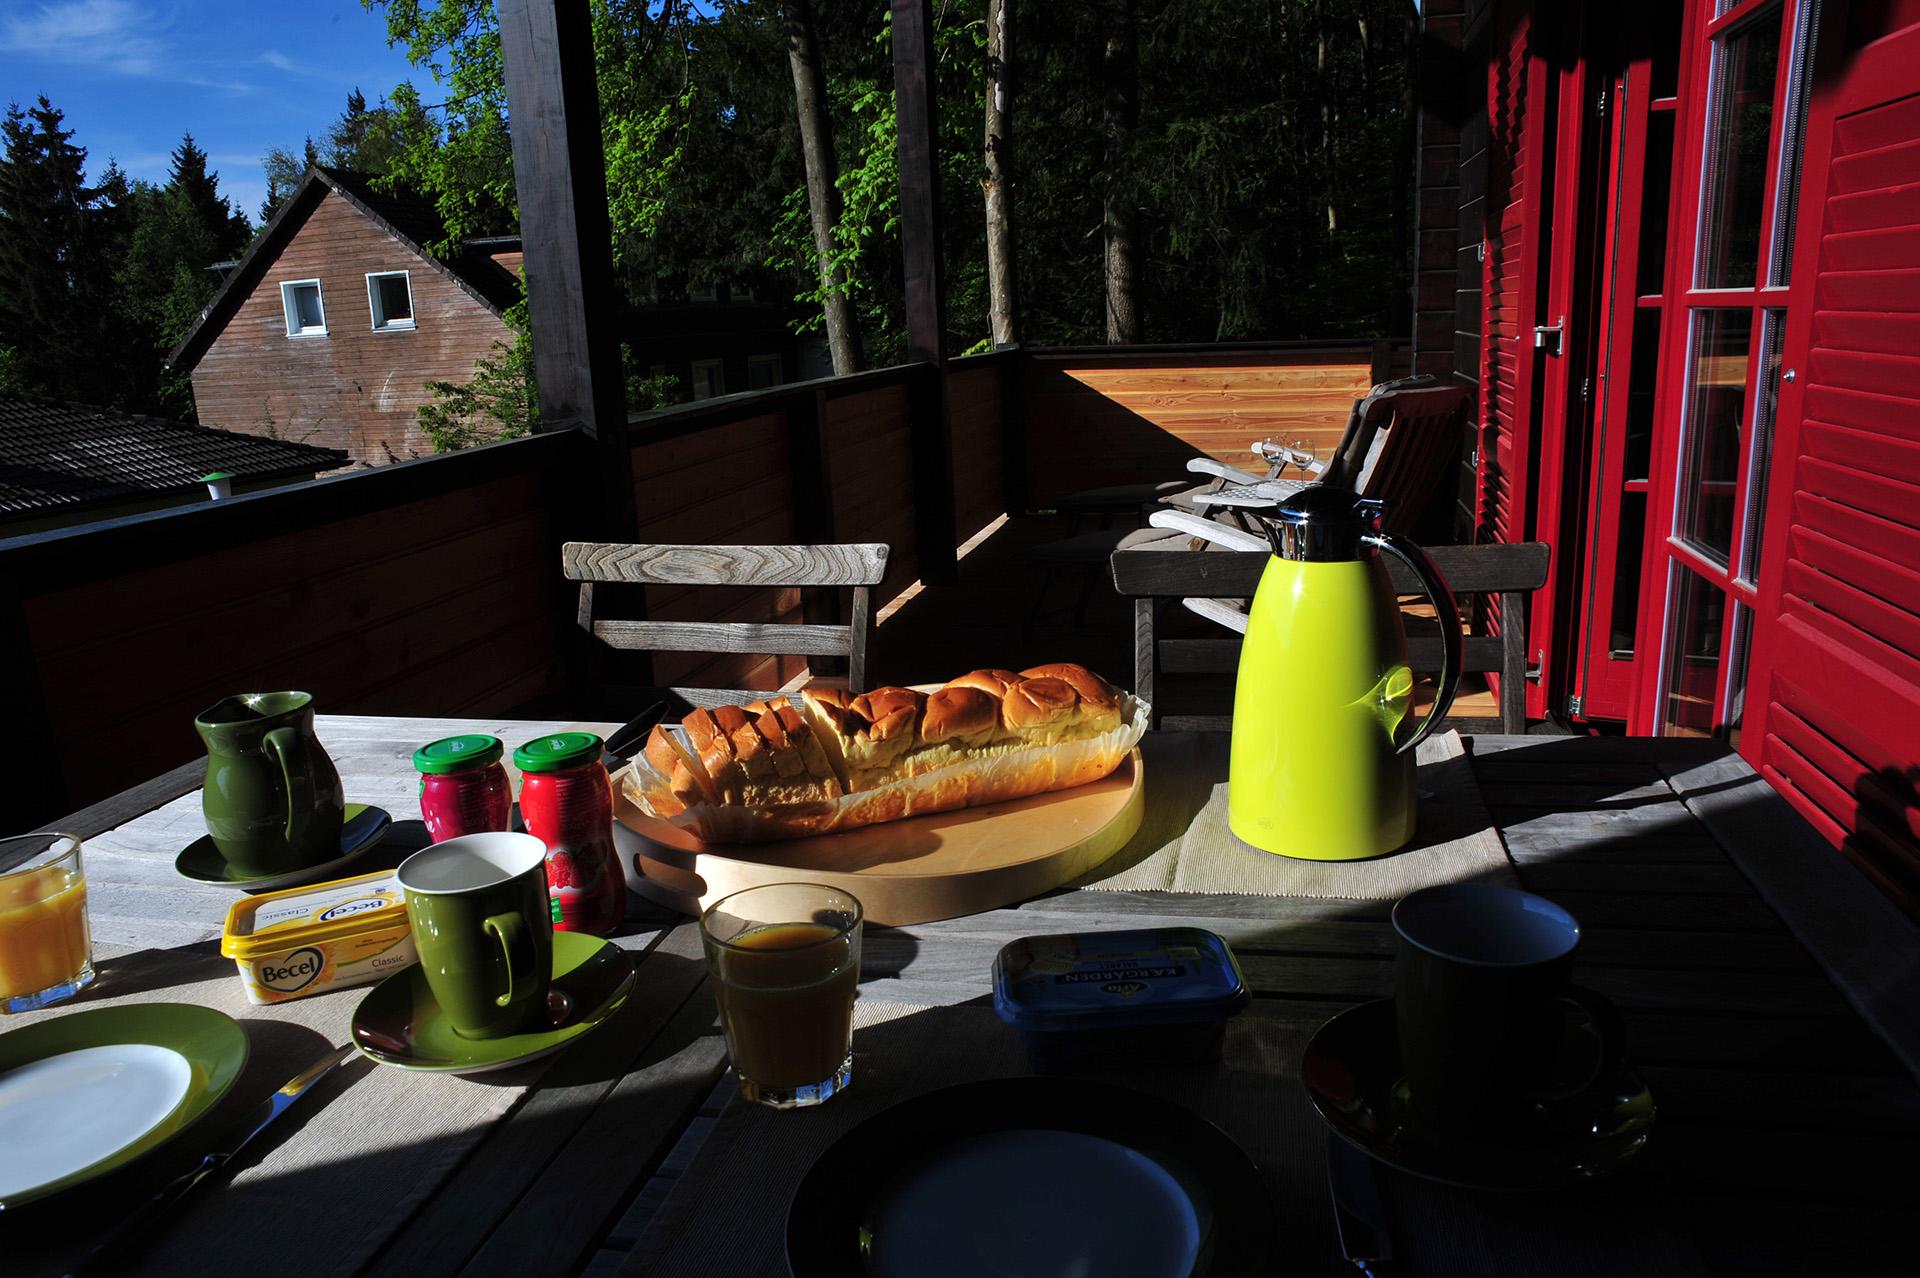 Blockhaus-Bodefall-Außenansicht-Frühstück-auf-der-Terrasse